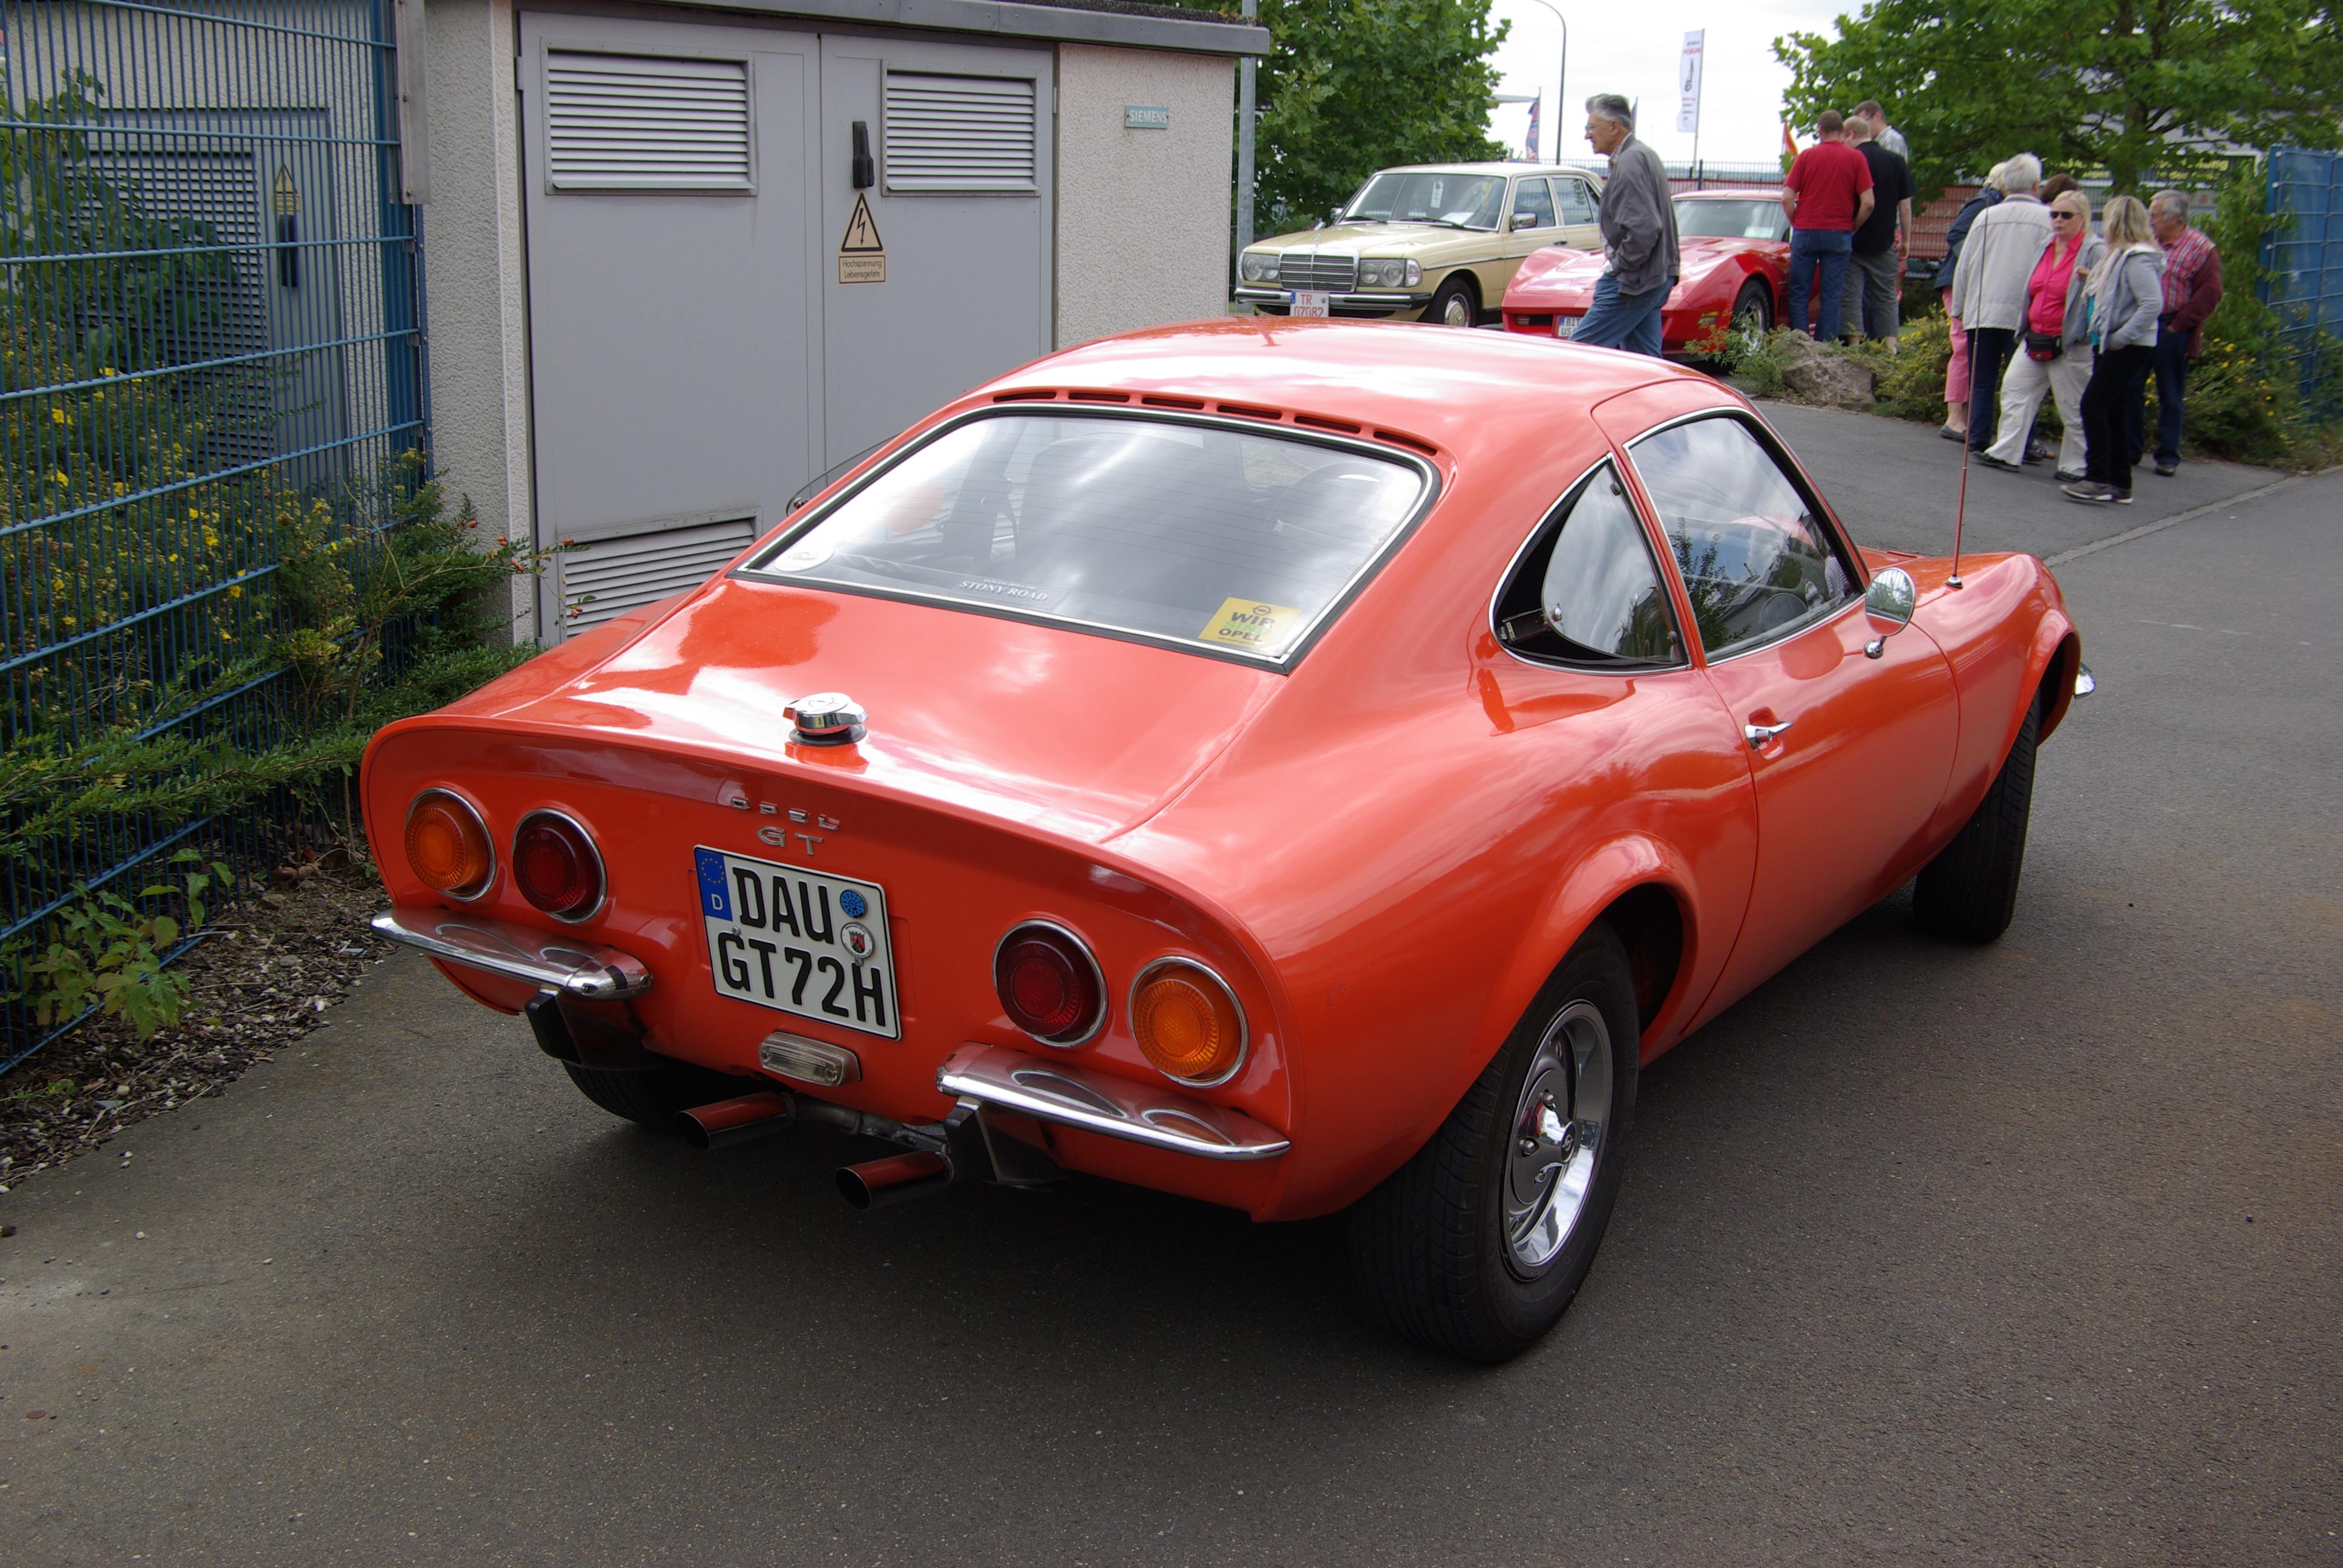 File:Opel GT 2012-09-01 14-23-32.JPG - Wikimedia Commons